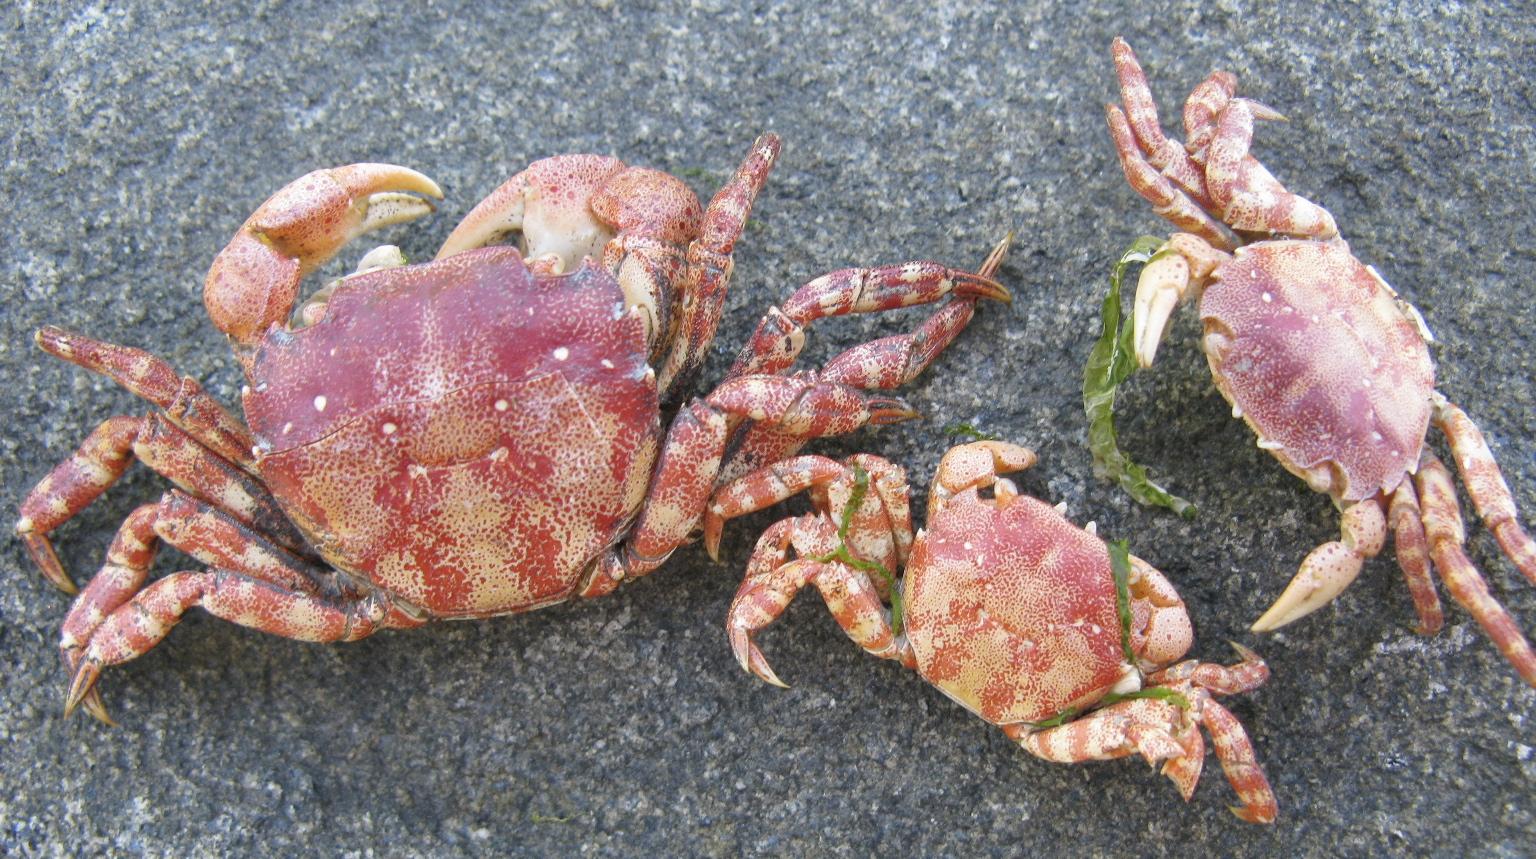 crabs | Backyard and Beyond